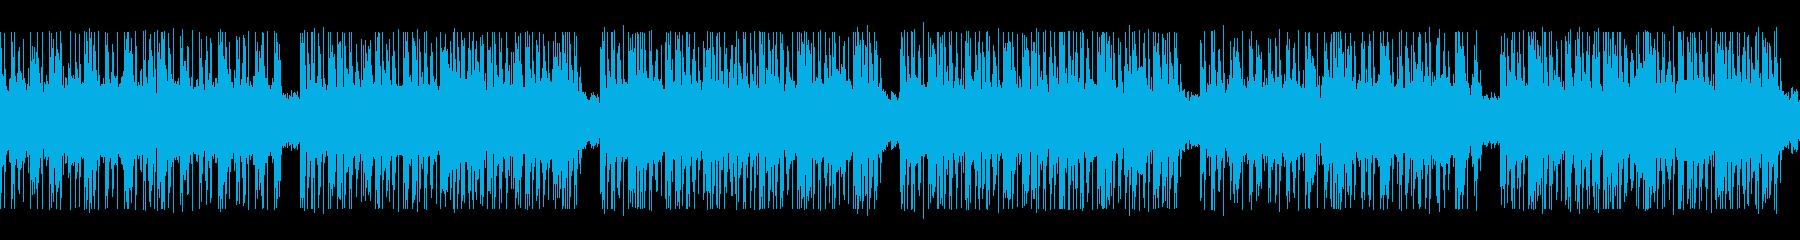 ゲーム映画バトル用攻撃的2-2ループ処理の再生済みの波形